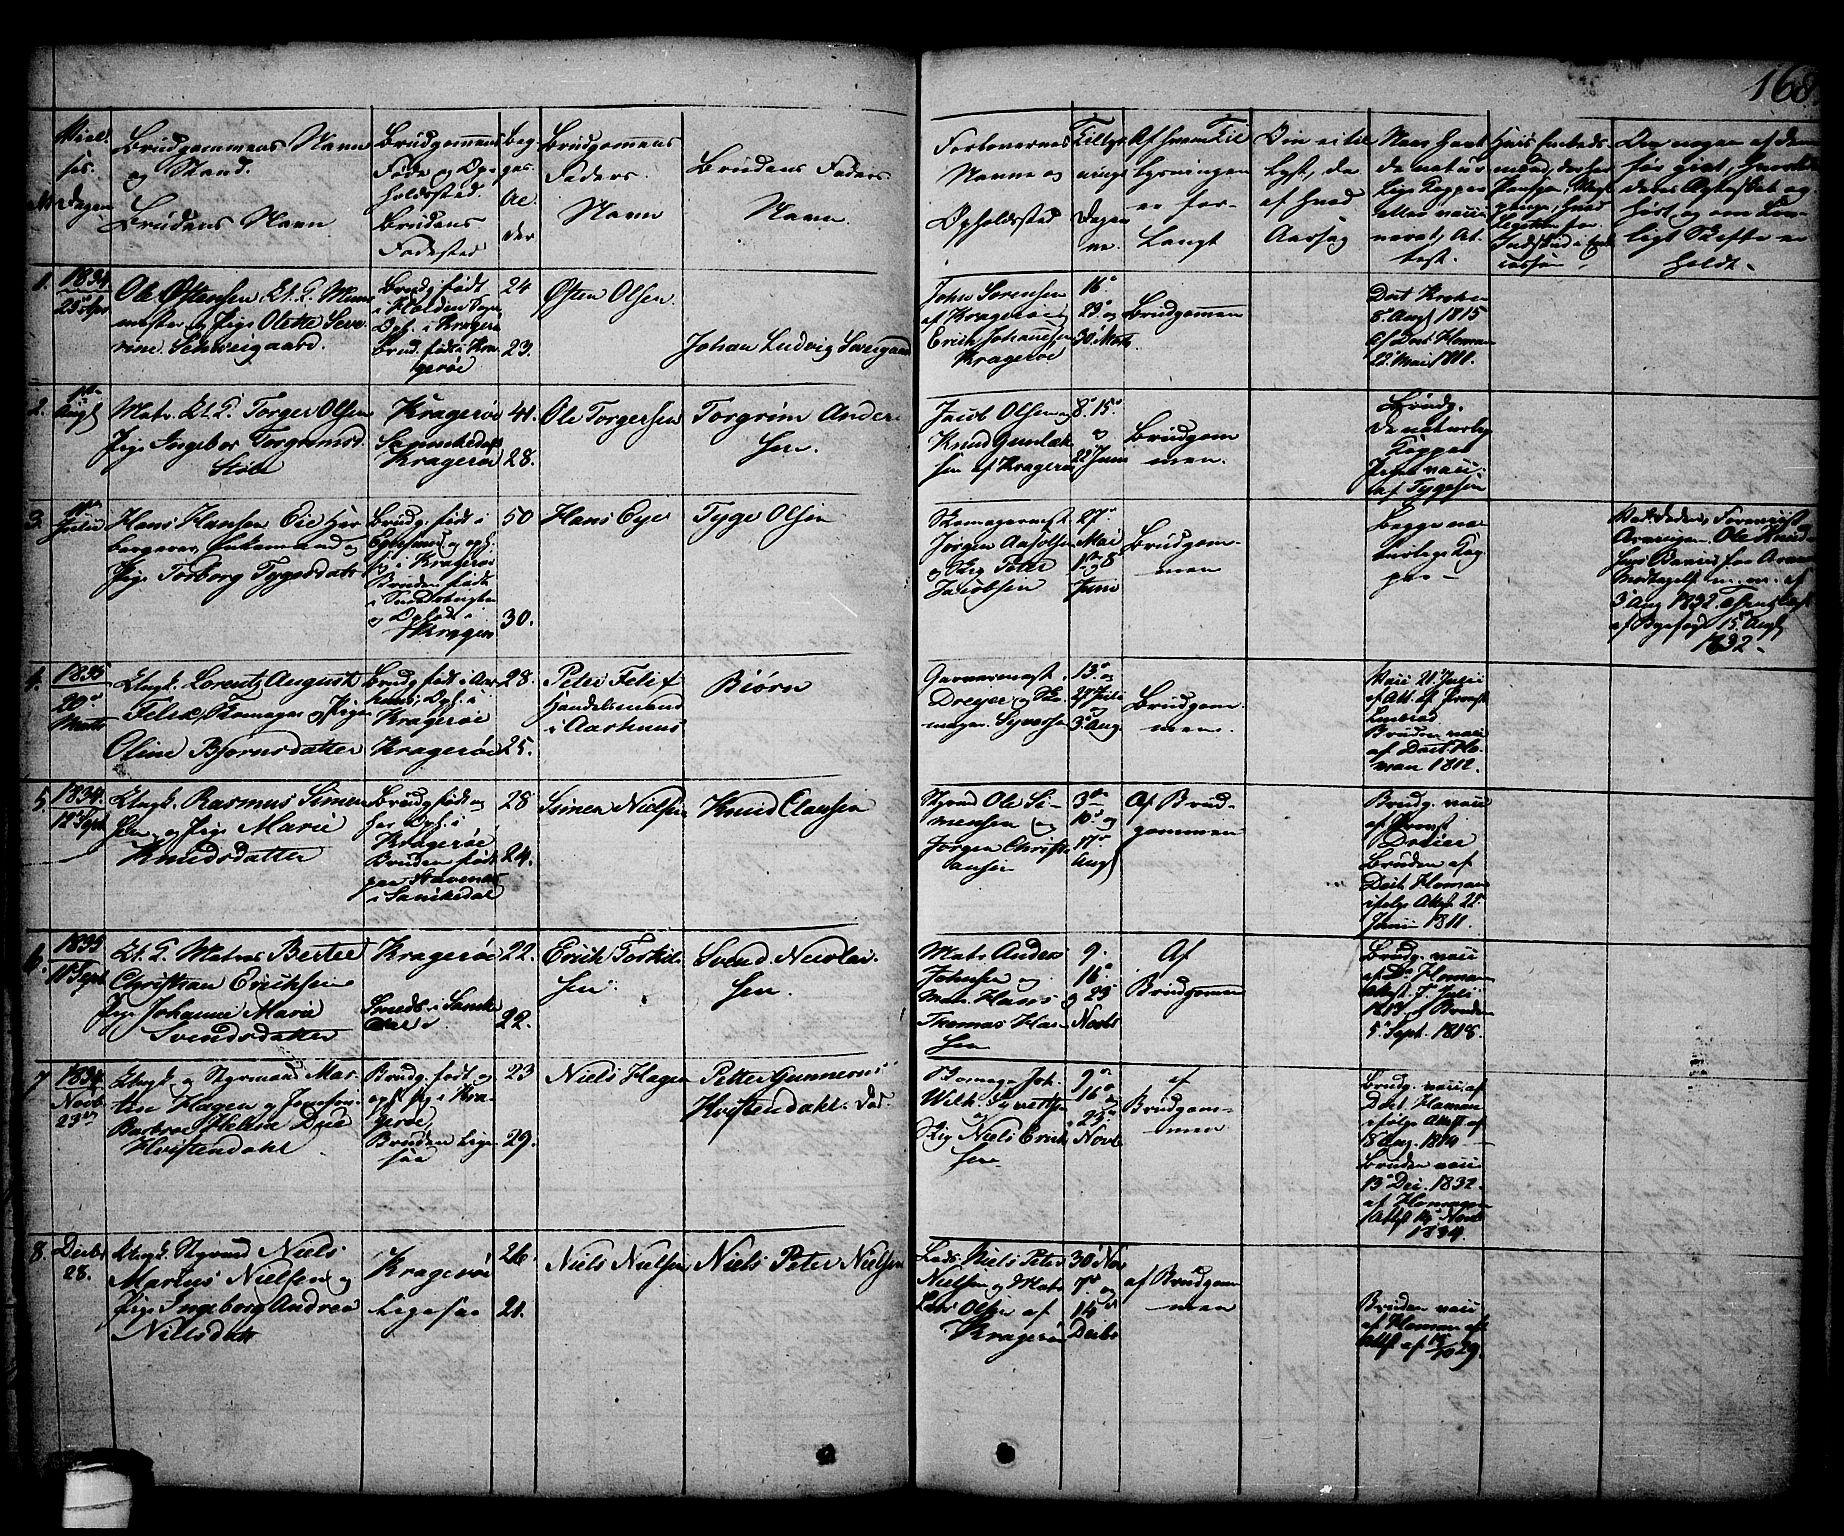 SAKO, Kragerø kirkebøker, G/Ga/L0003: Klokkerbok nr. 3, 1832-1852, s. 168